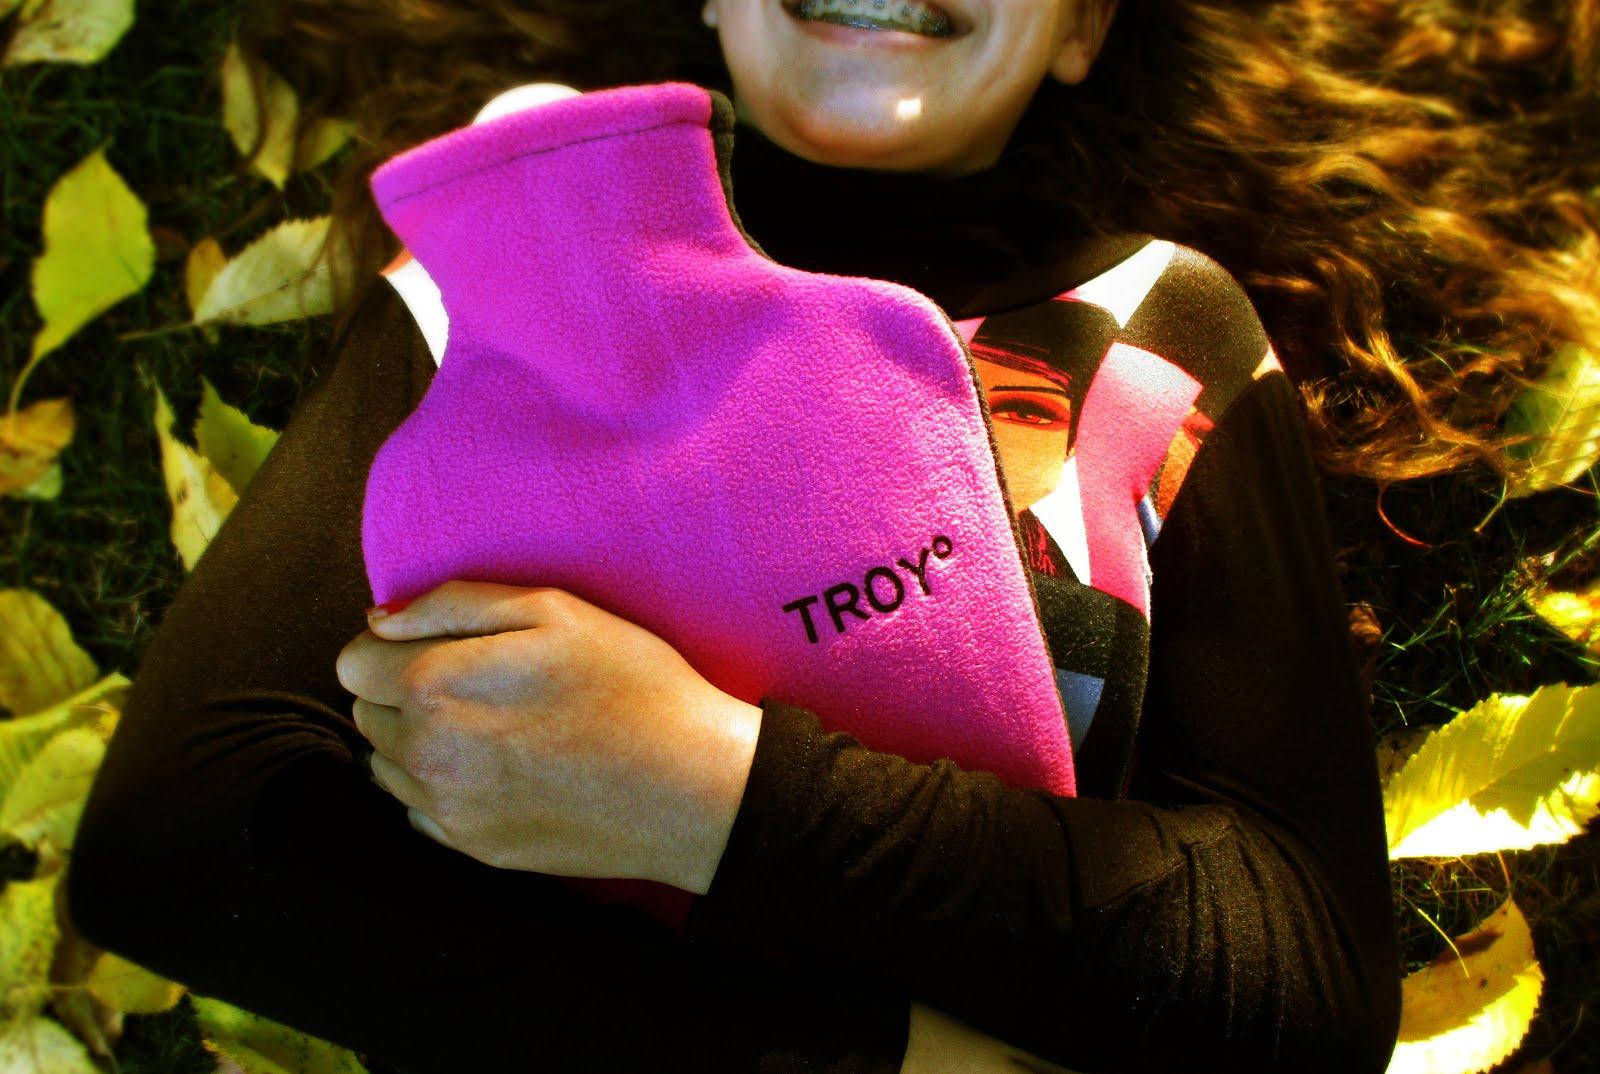 Jaimees Welt: Wärmend durch die kalte Jahreszeit - Jaimee testet die TROY°-Wärmflasche mit ...